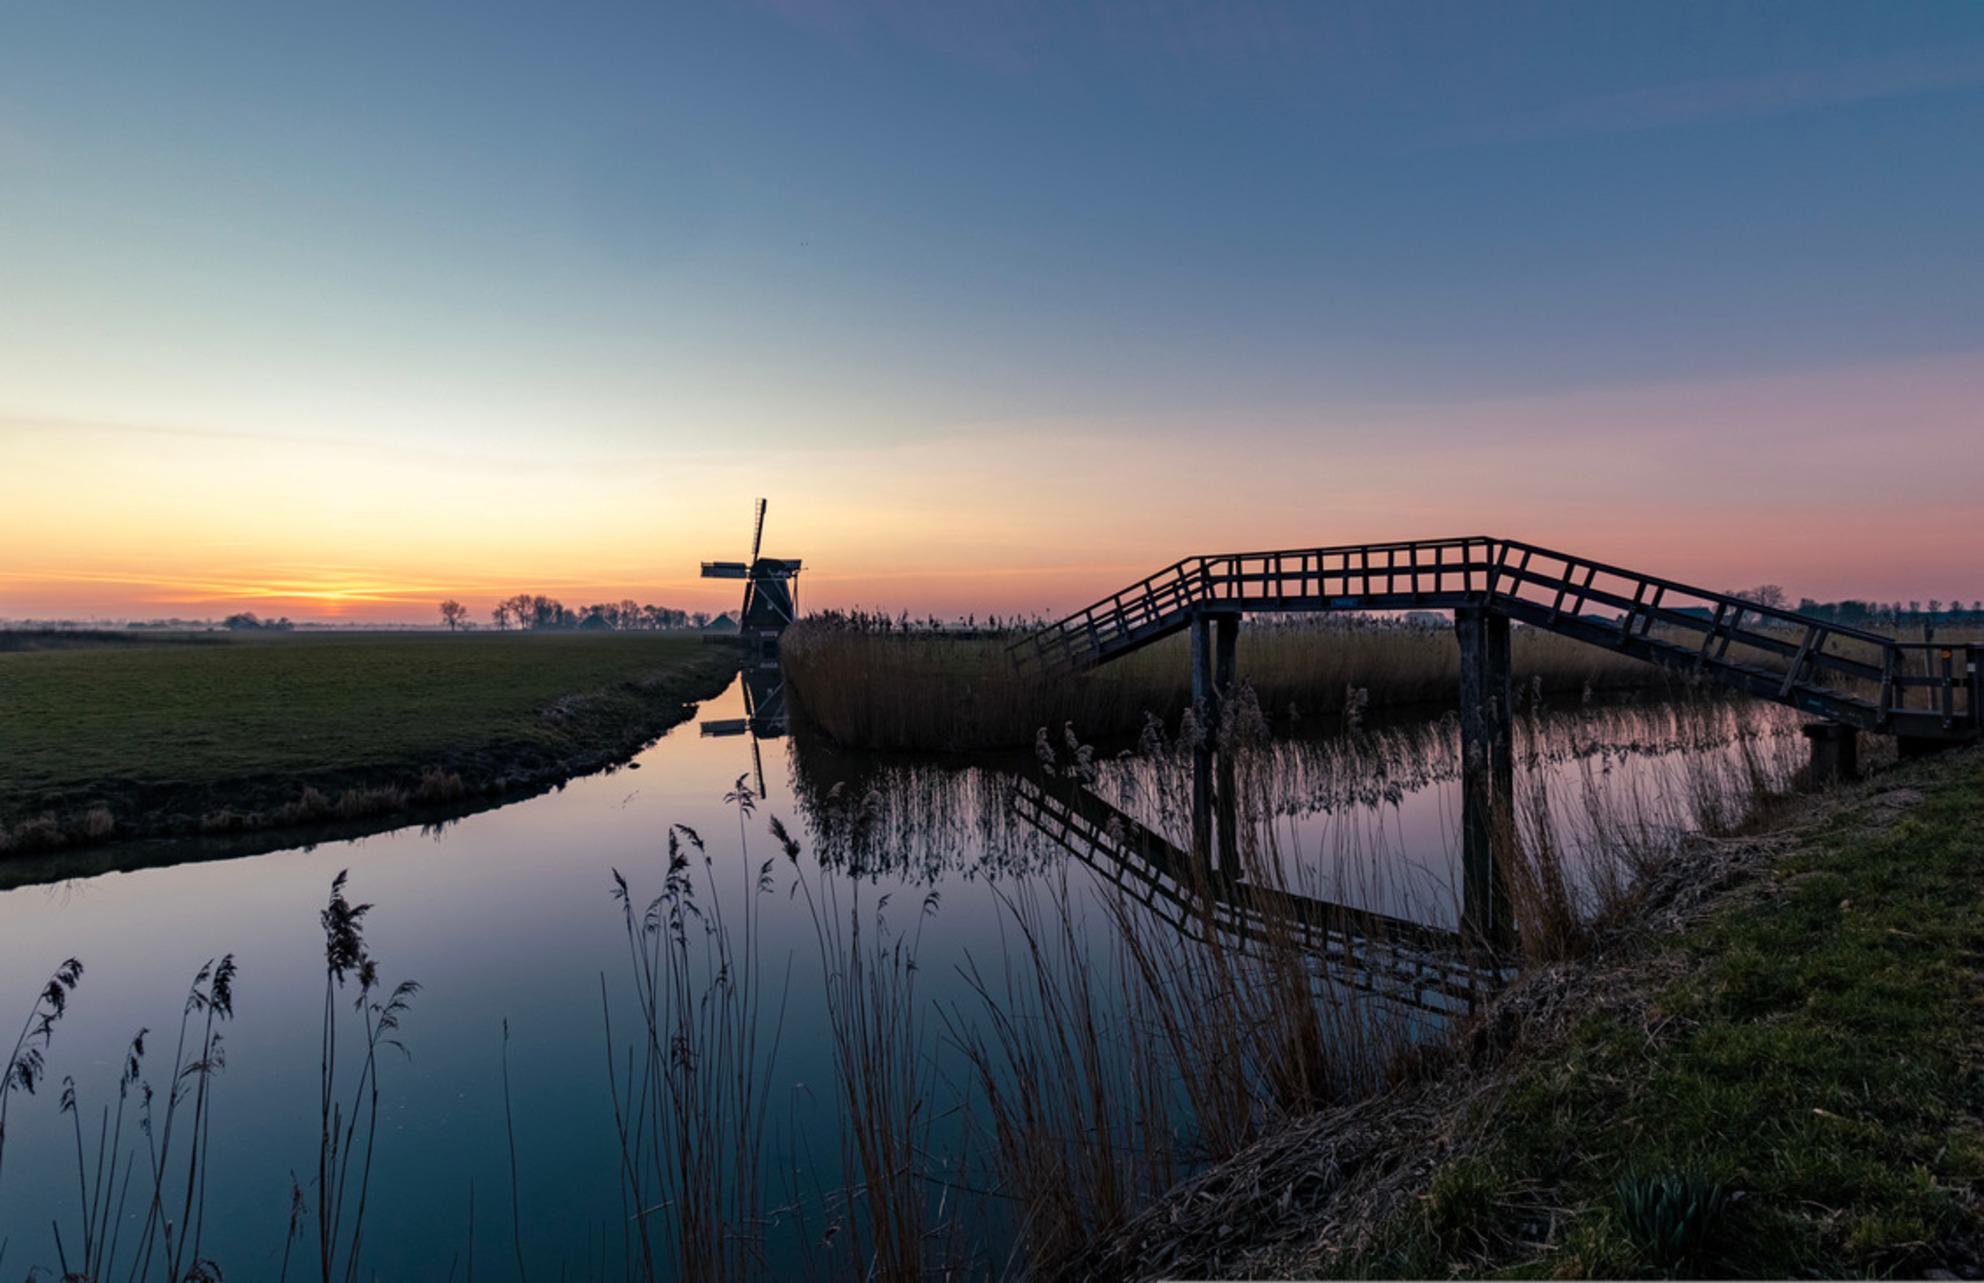 De Zilvermeeuw te Groningen - Geweldige zonsondergang in het mooie hoge groningen! - foto door WilbertHeijkoop op 28-02-2021 - deze foto bevat: wolken, zee, lente, zonsondergang, zomer, molen, nederland - Deze foto mag gebruikt worden in een Zoom.nl publicatie